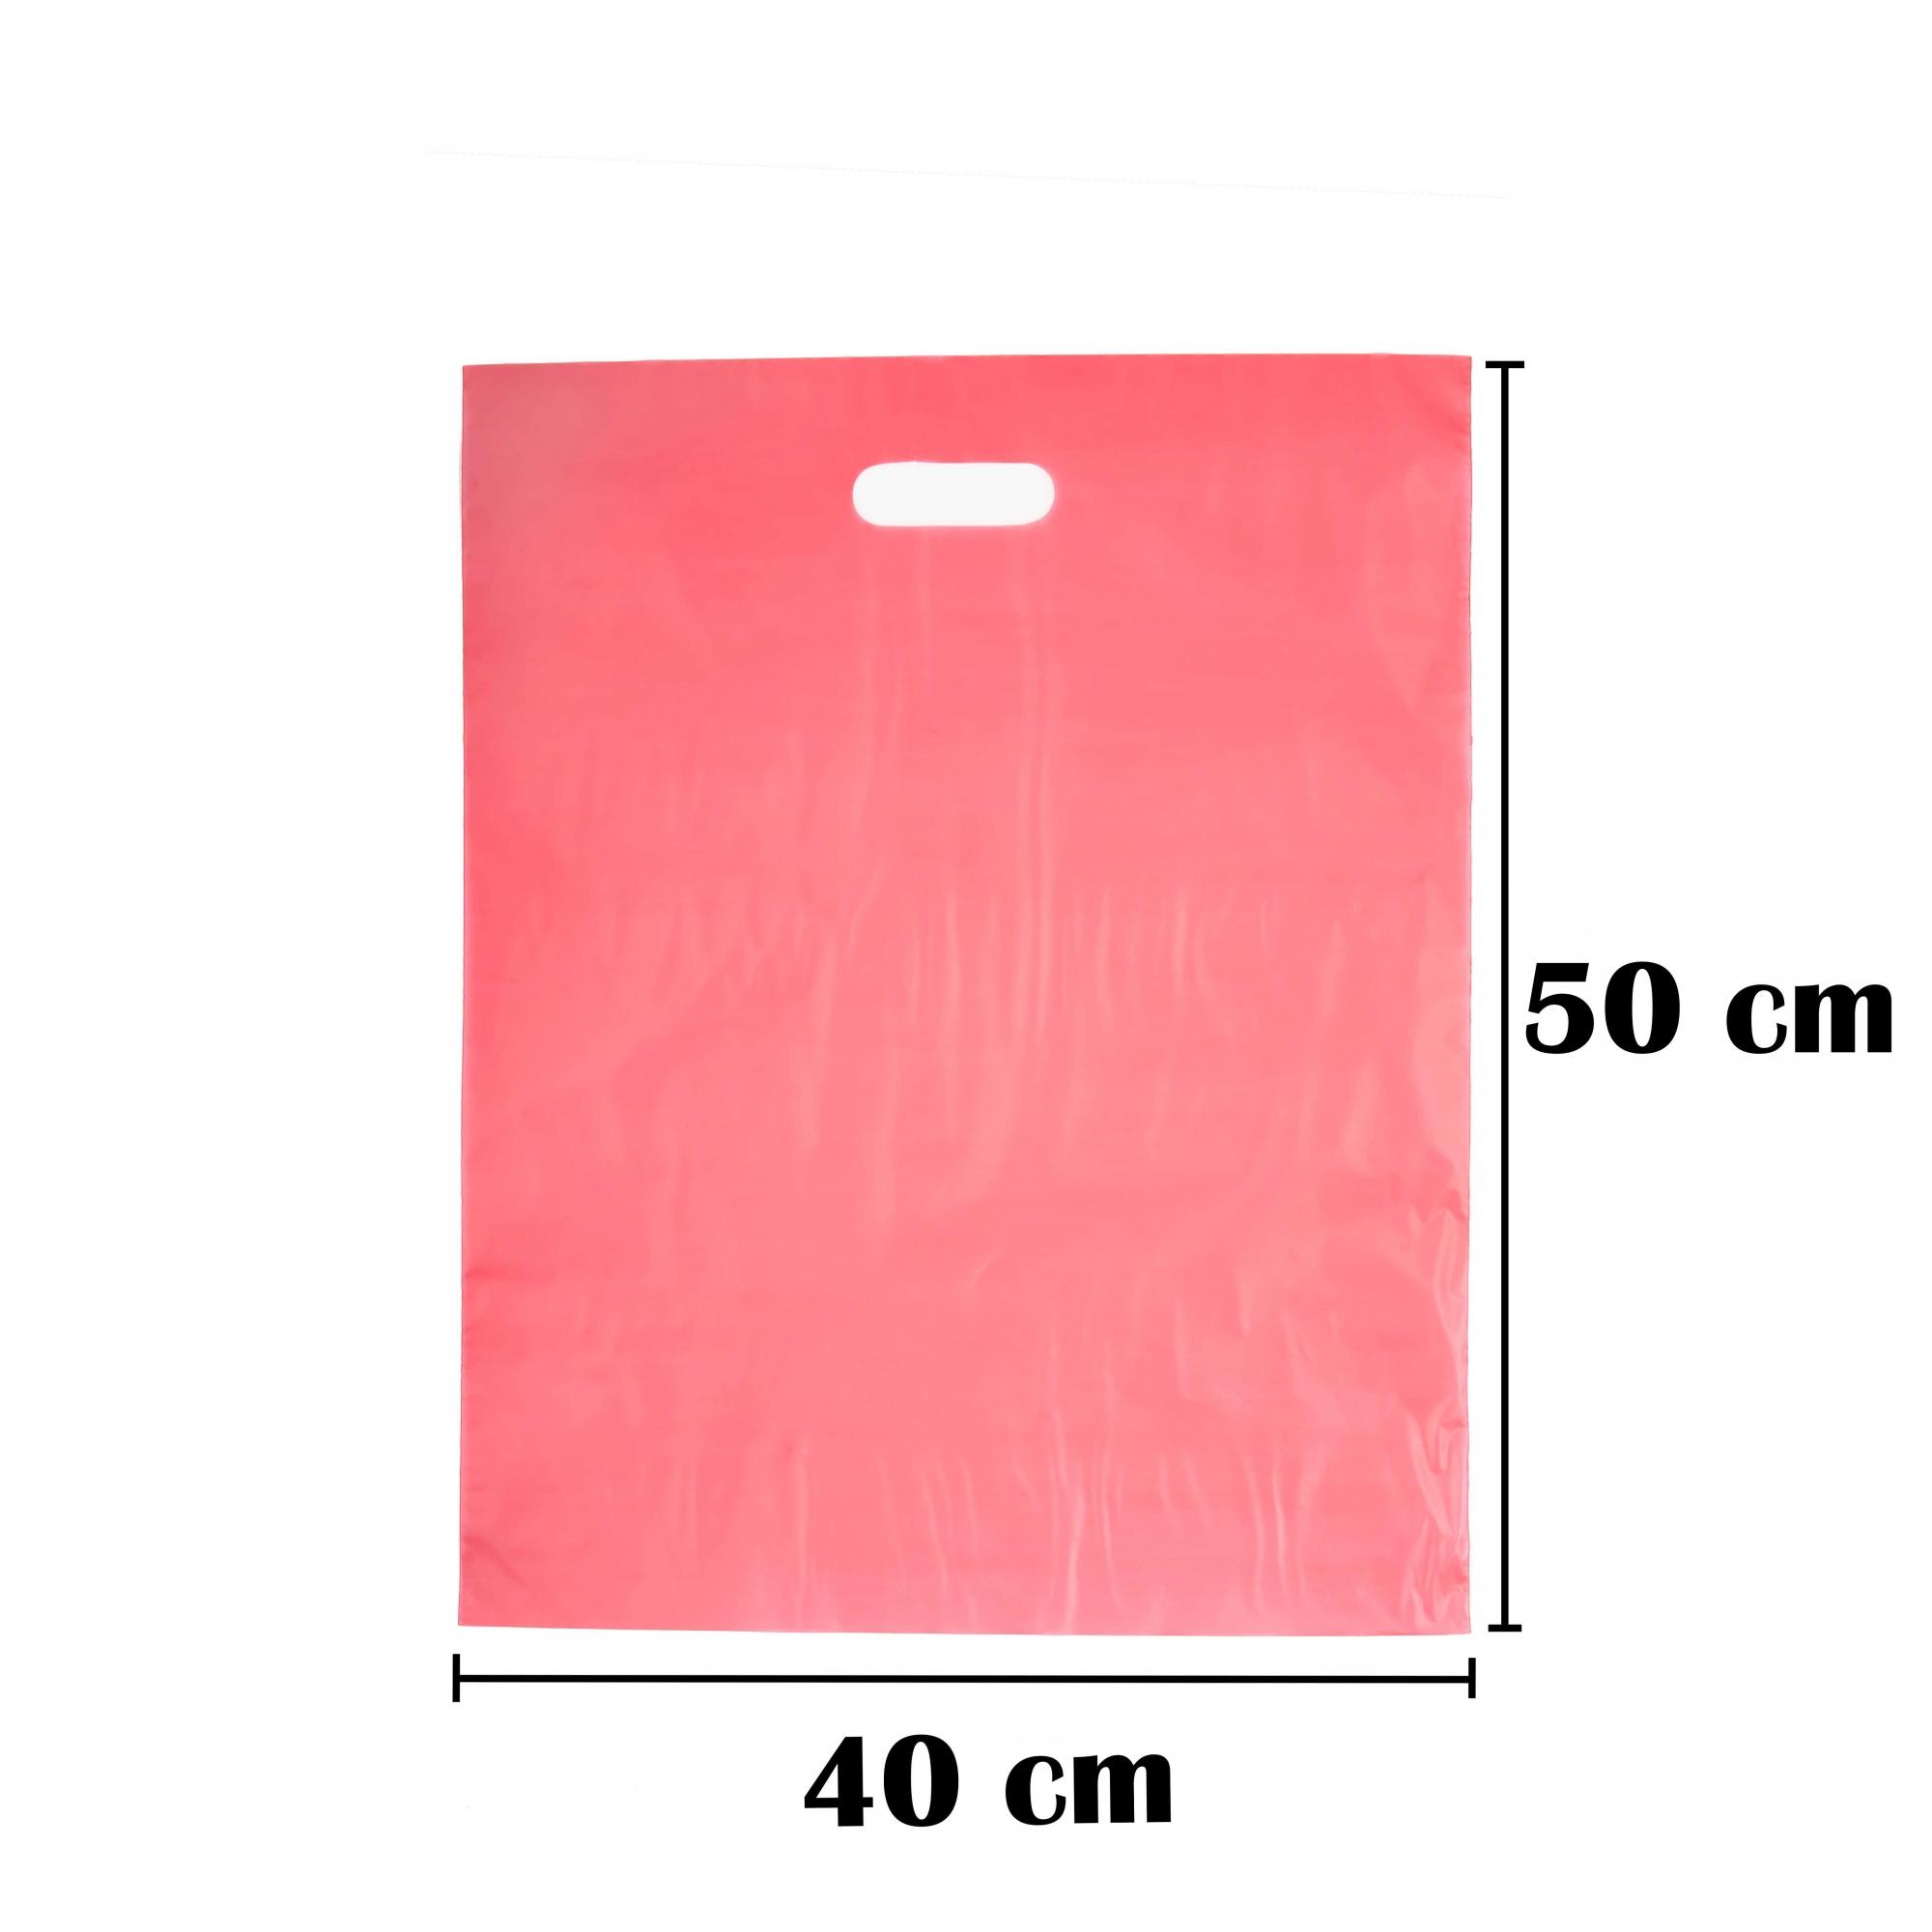 Sacola Plástica 40x50 Vermelha Alça Boca de Palhaço 500 Unidades